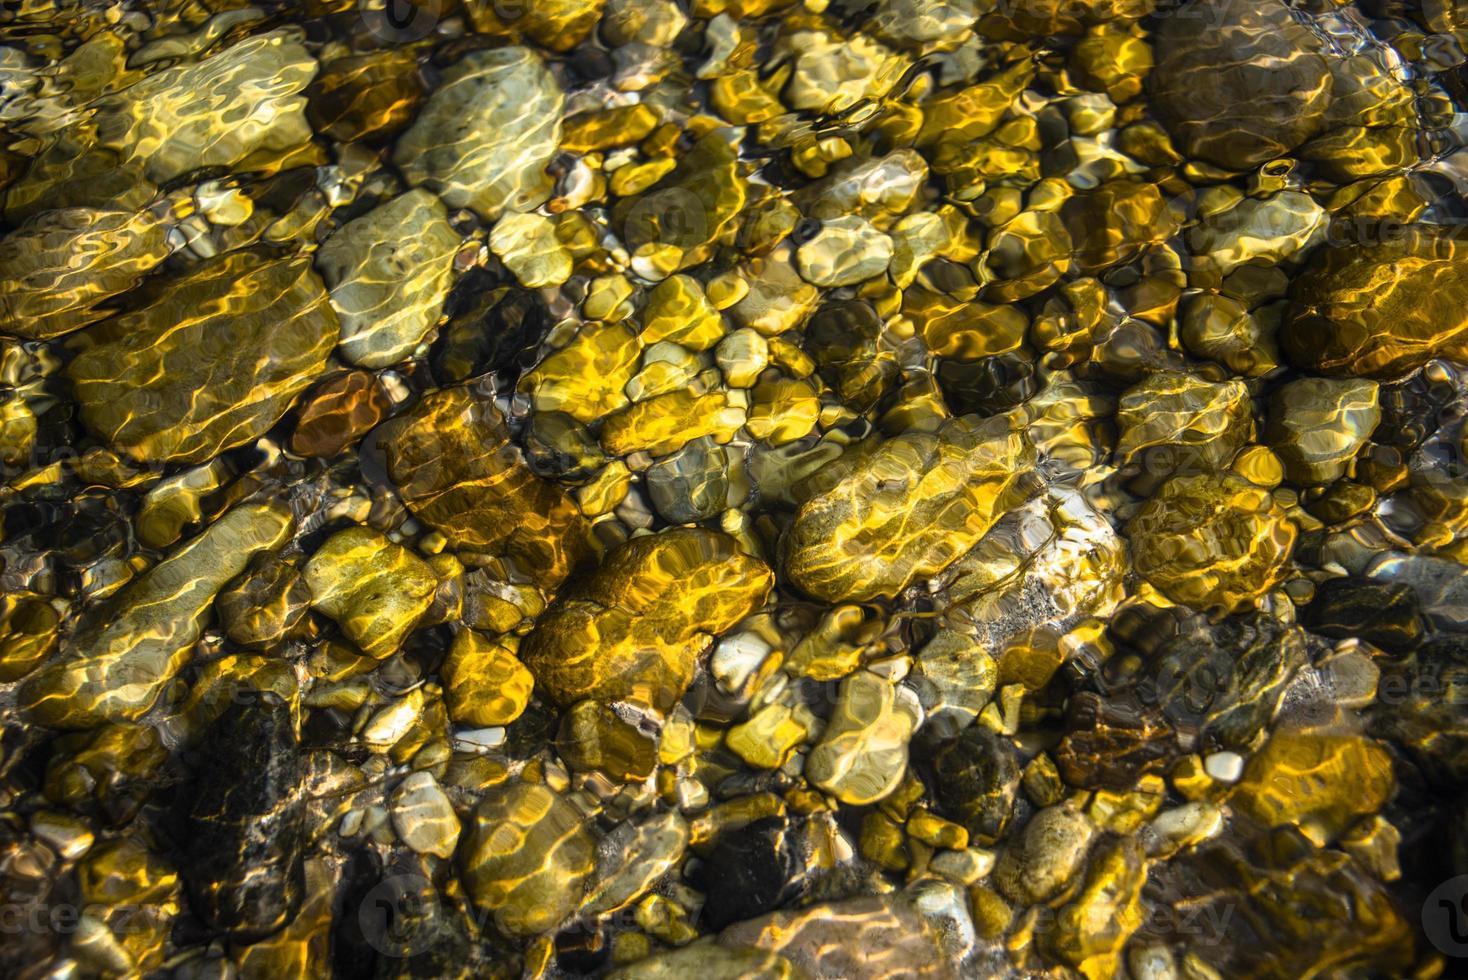 pierres sous l'eau photo